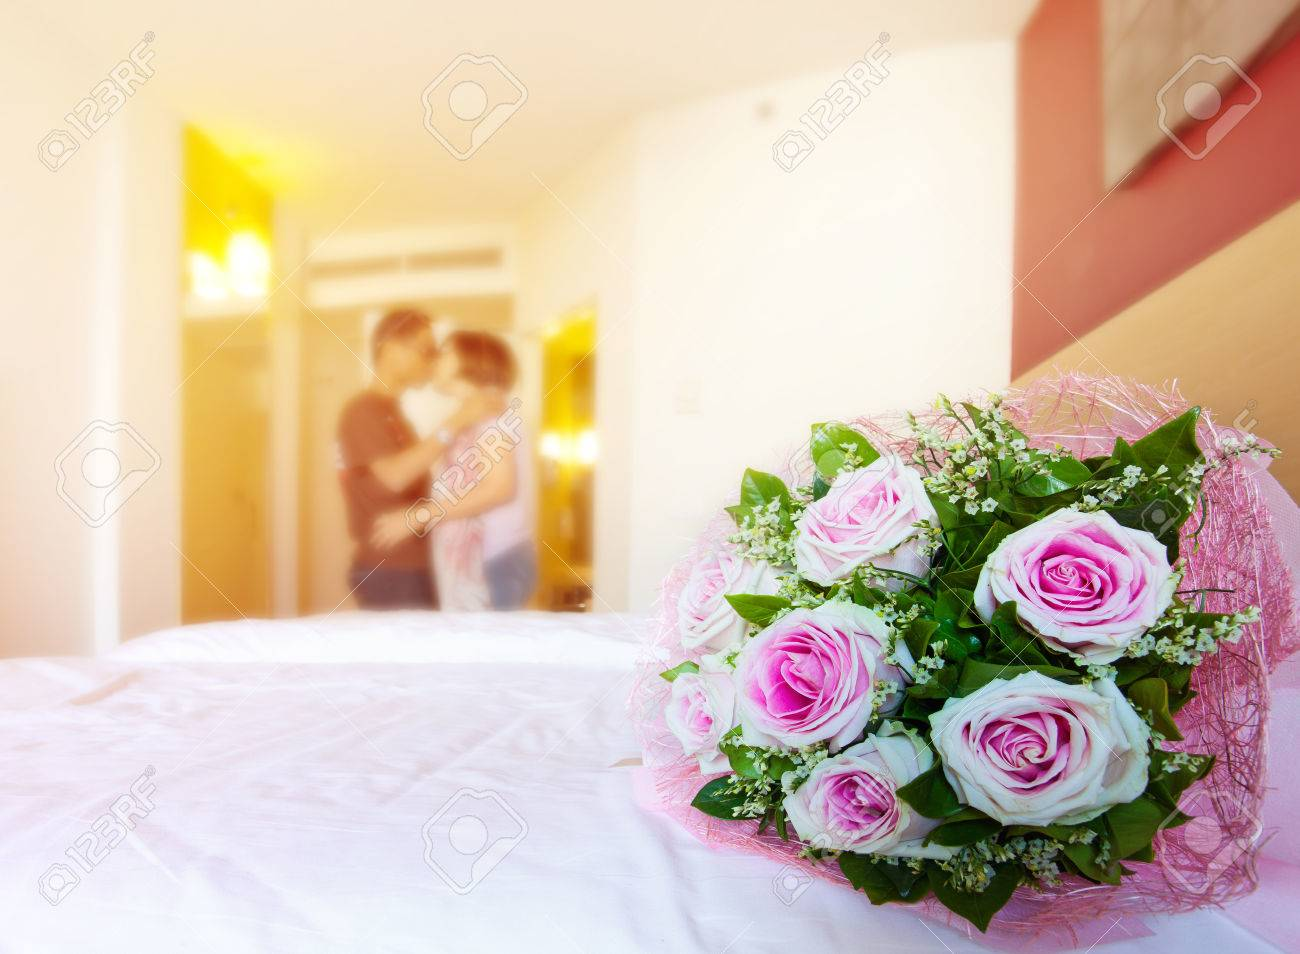 Красивые розы на кровати фото 516-937